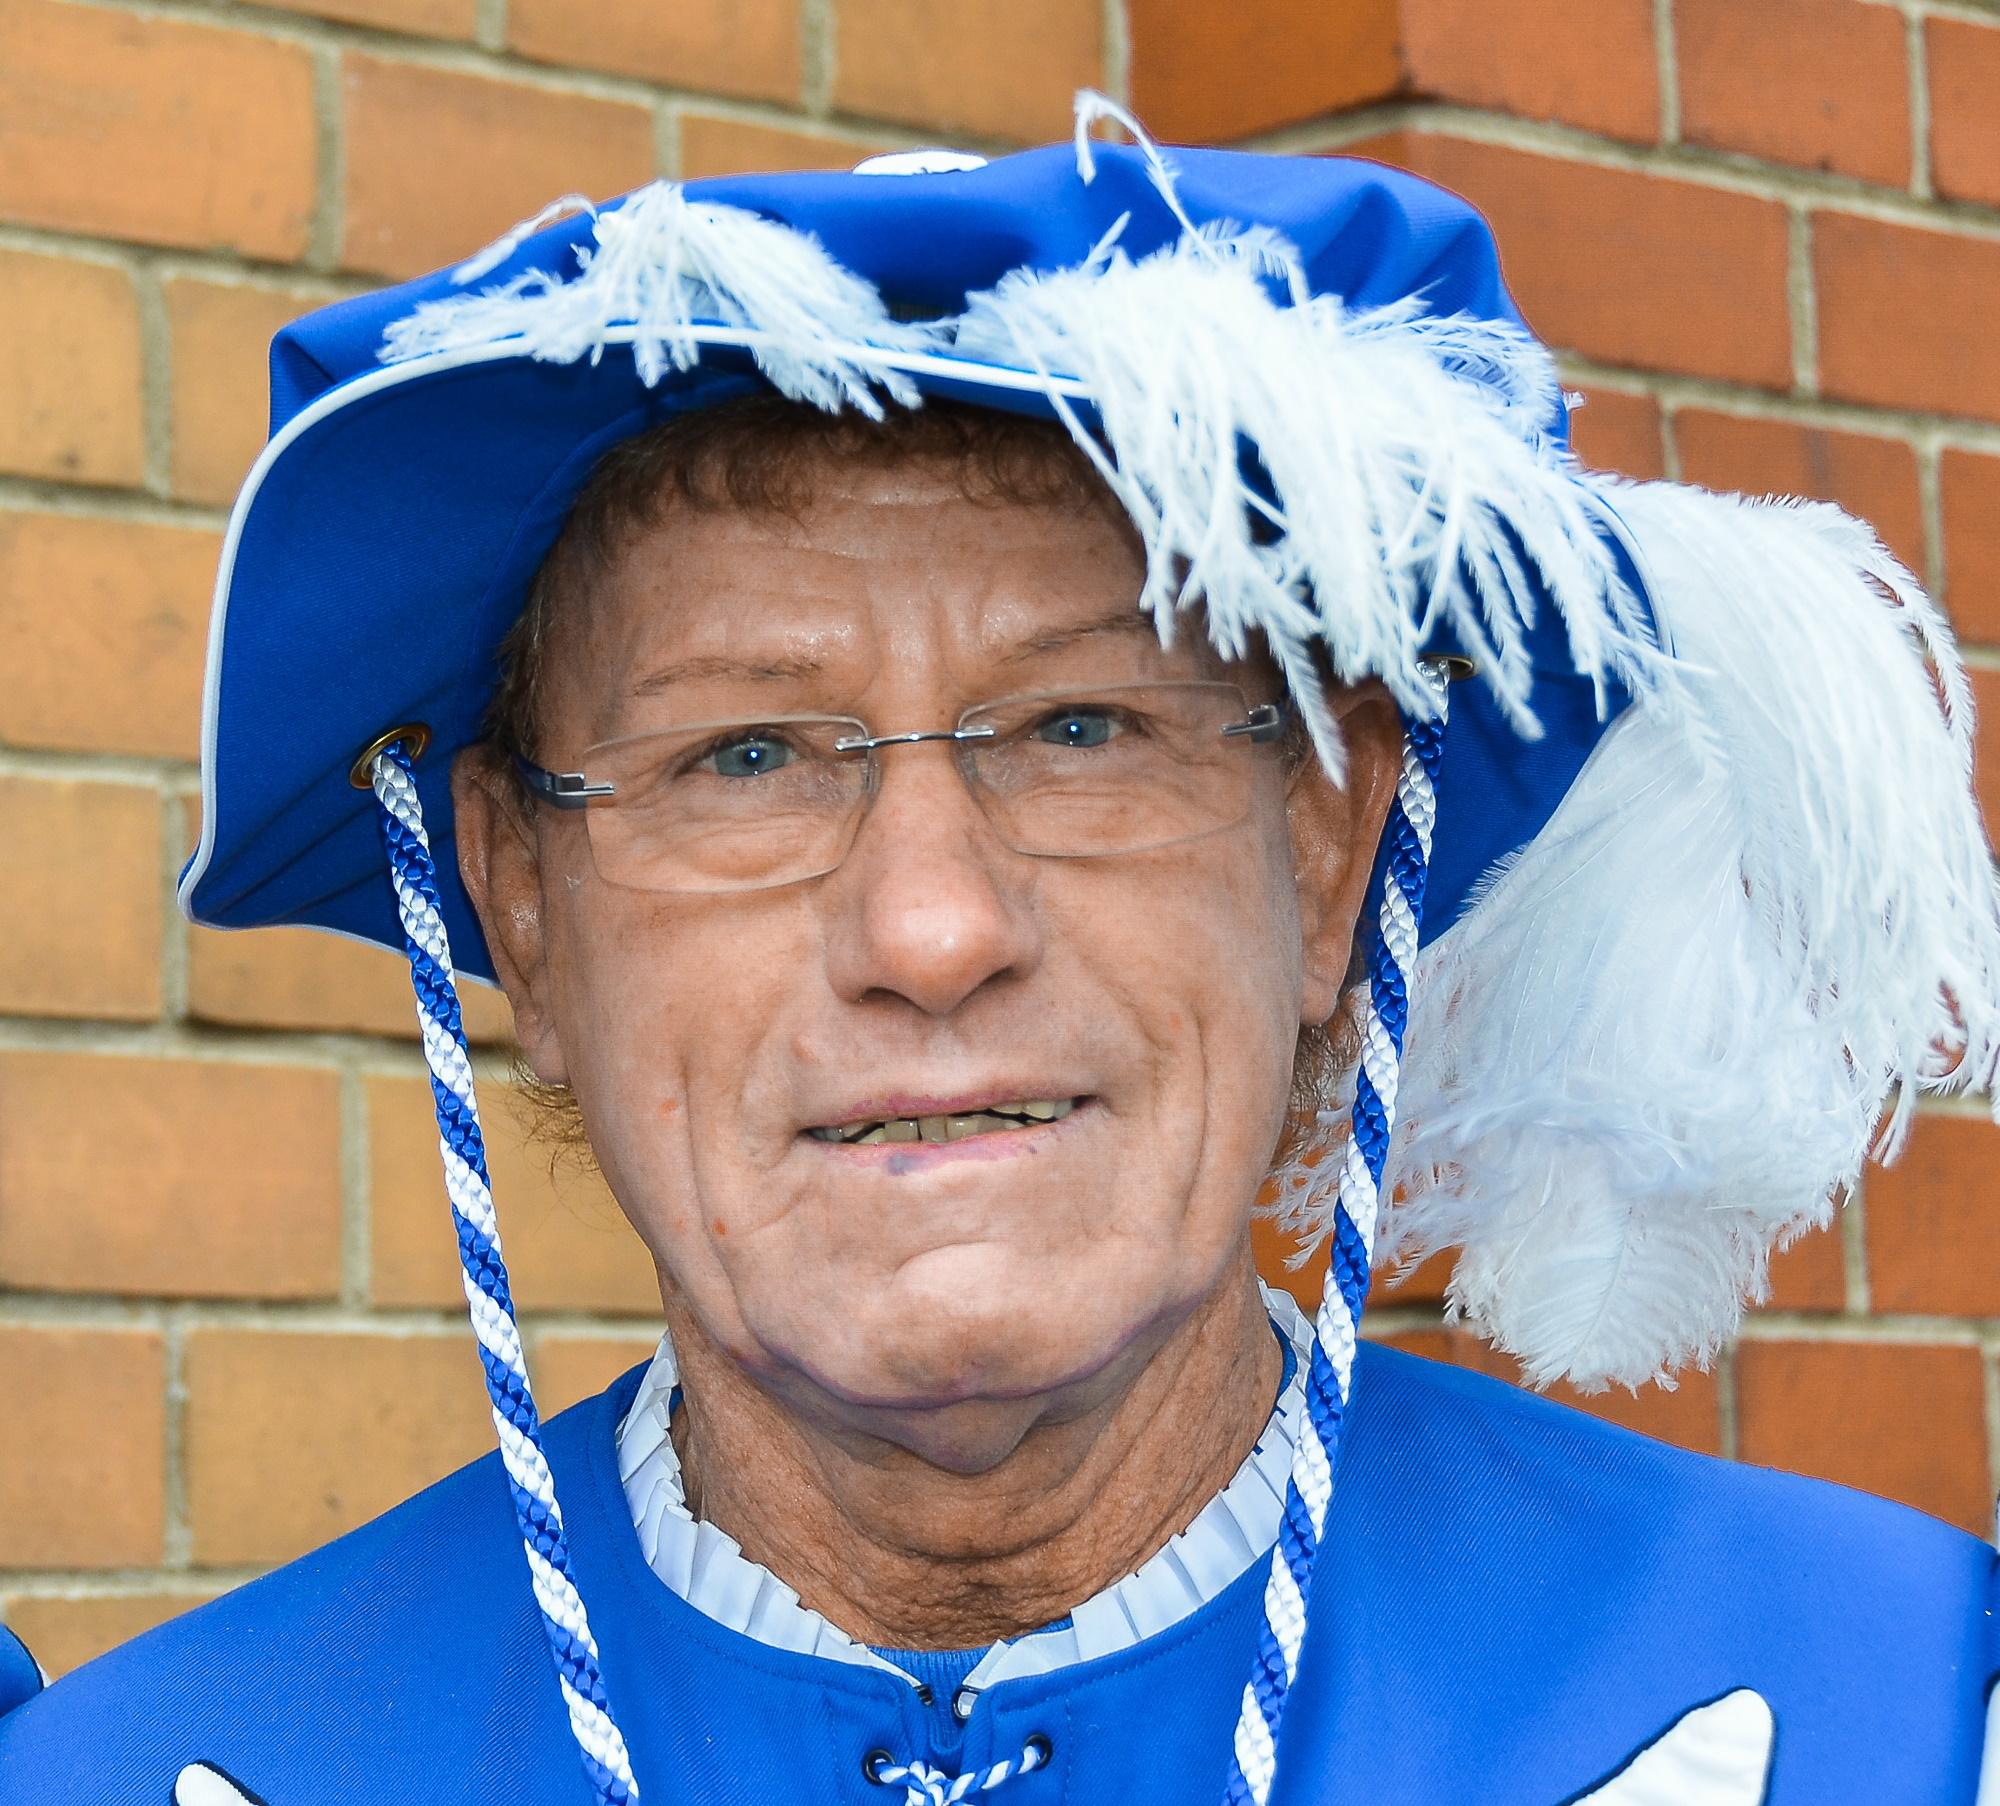 Jürgen Mader